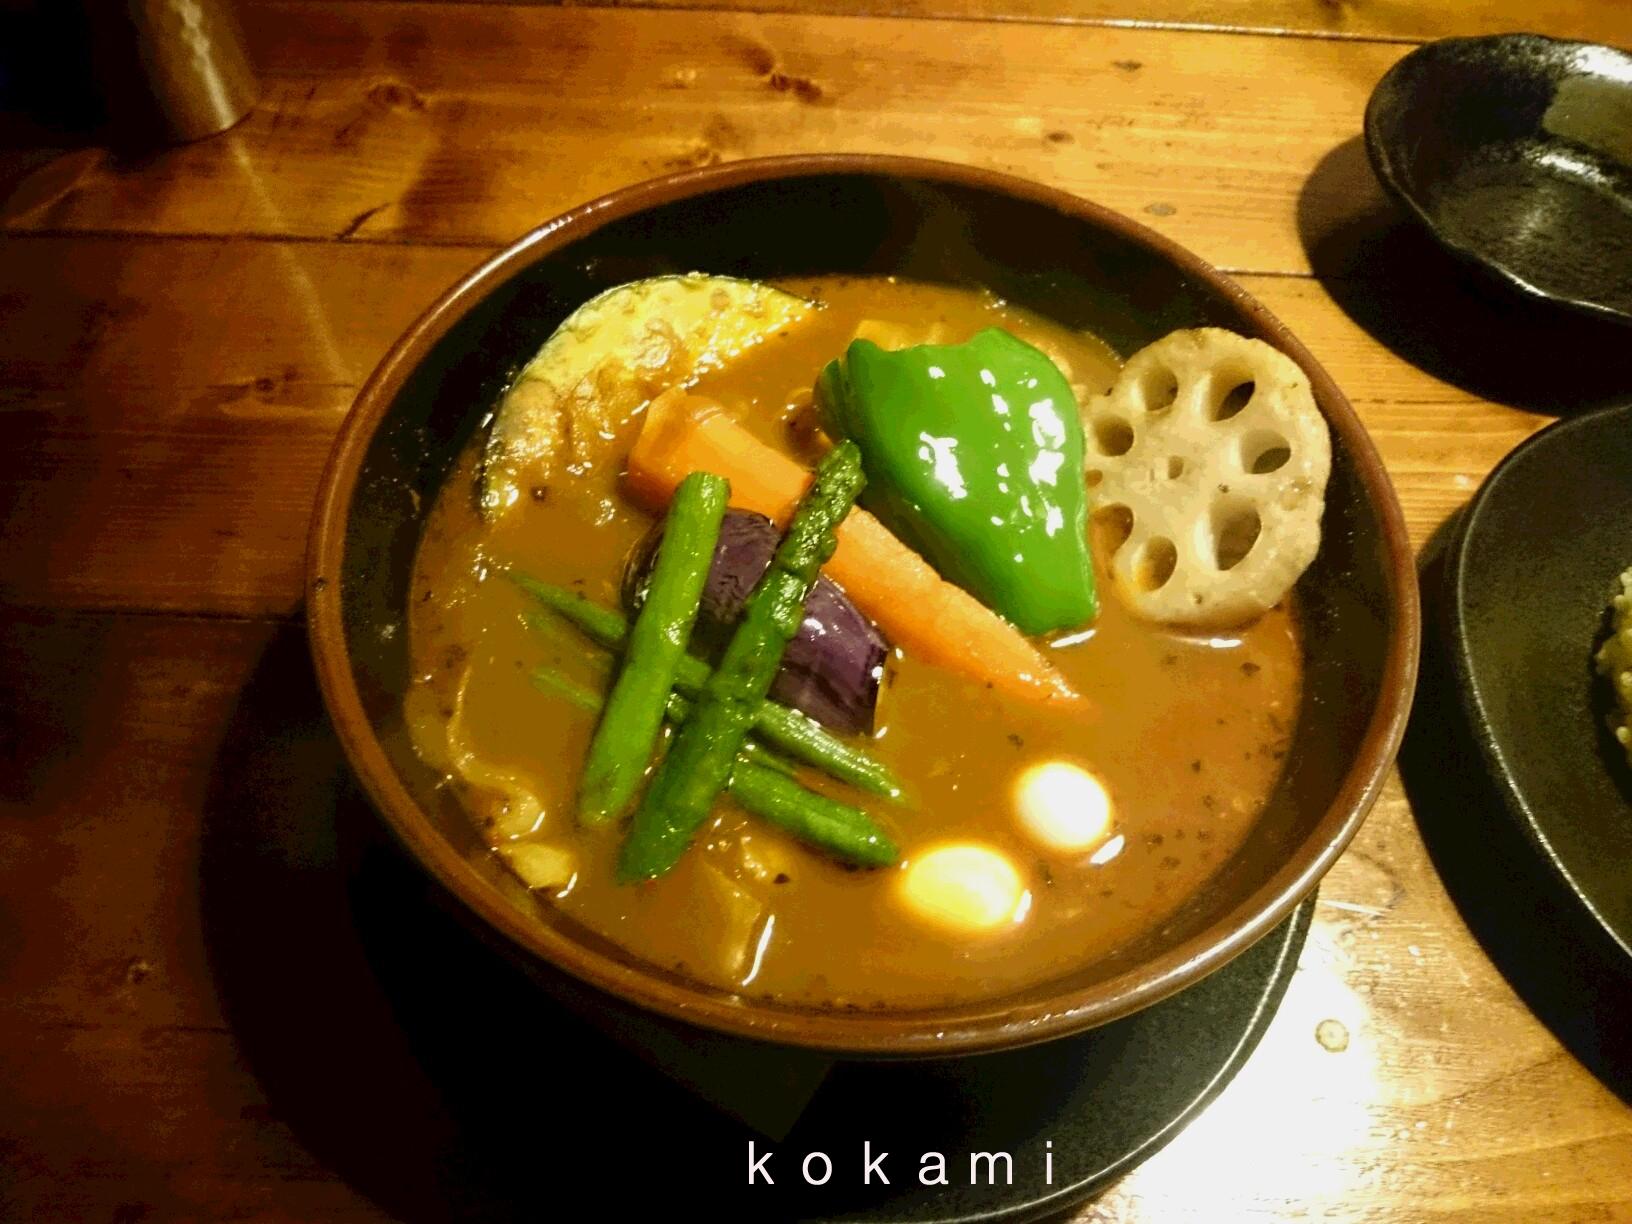 スープカレー ライス 食べ方